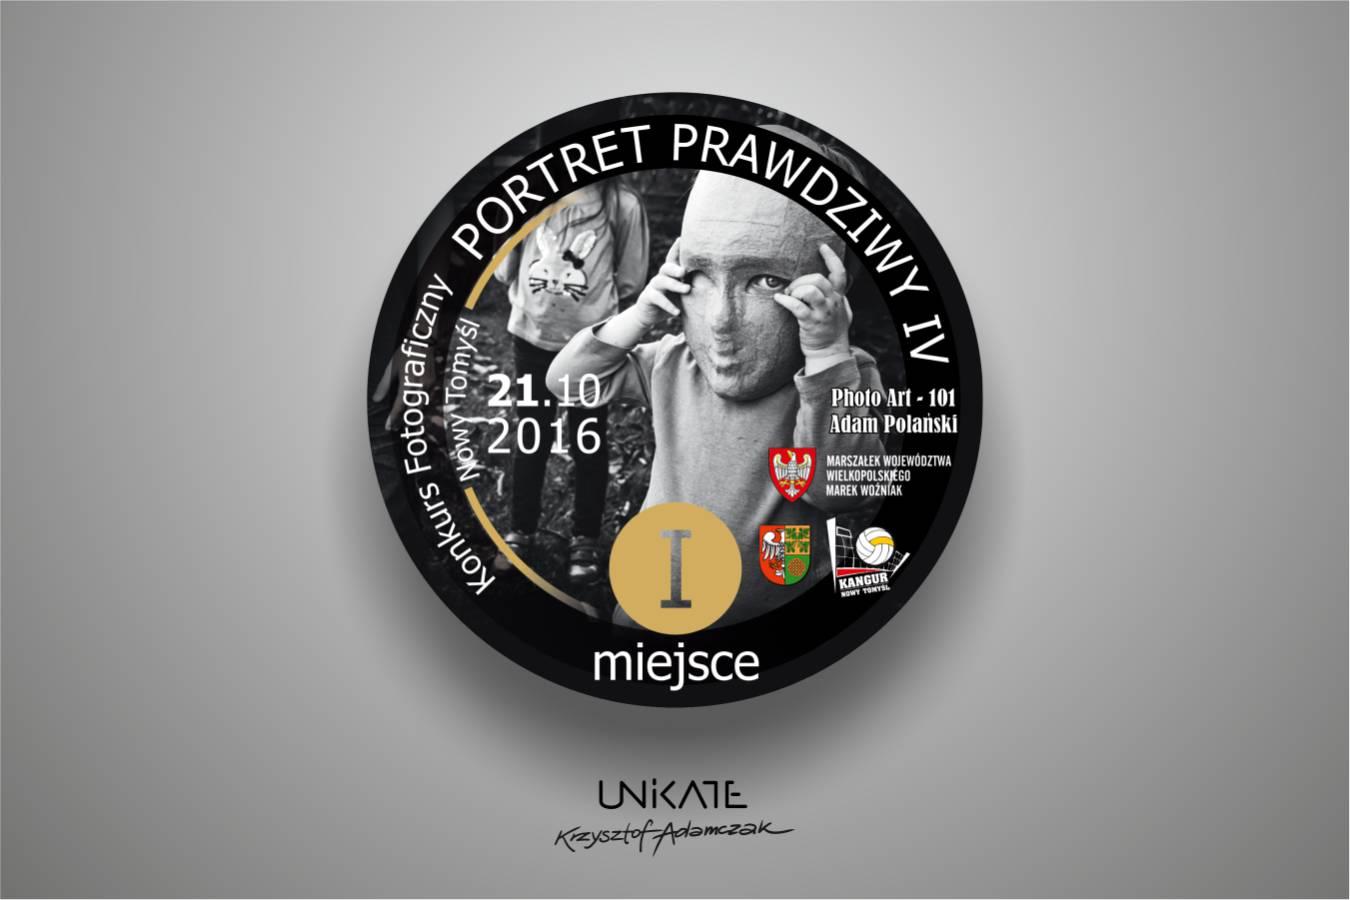 News_medal_portet_prawdziwy_2016_01